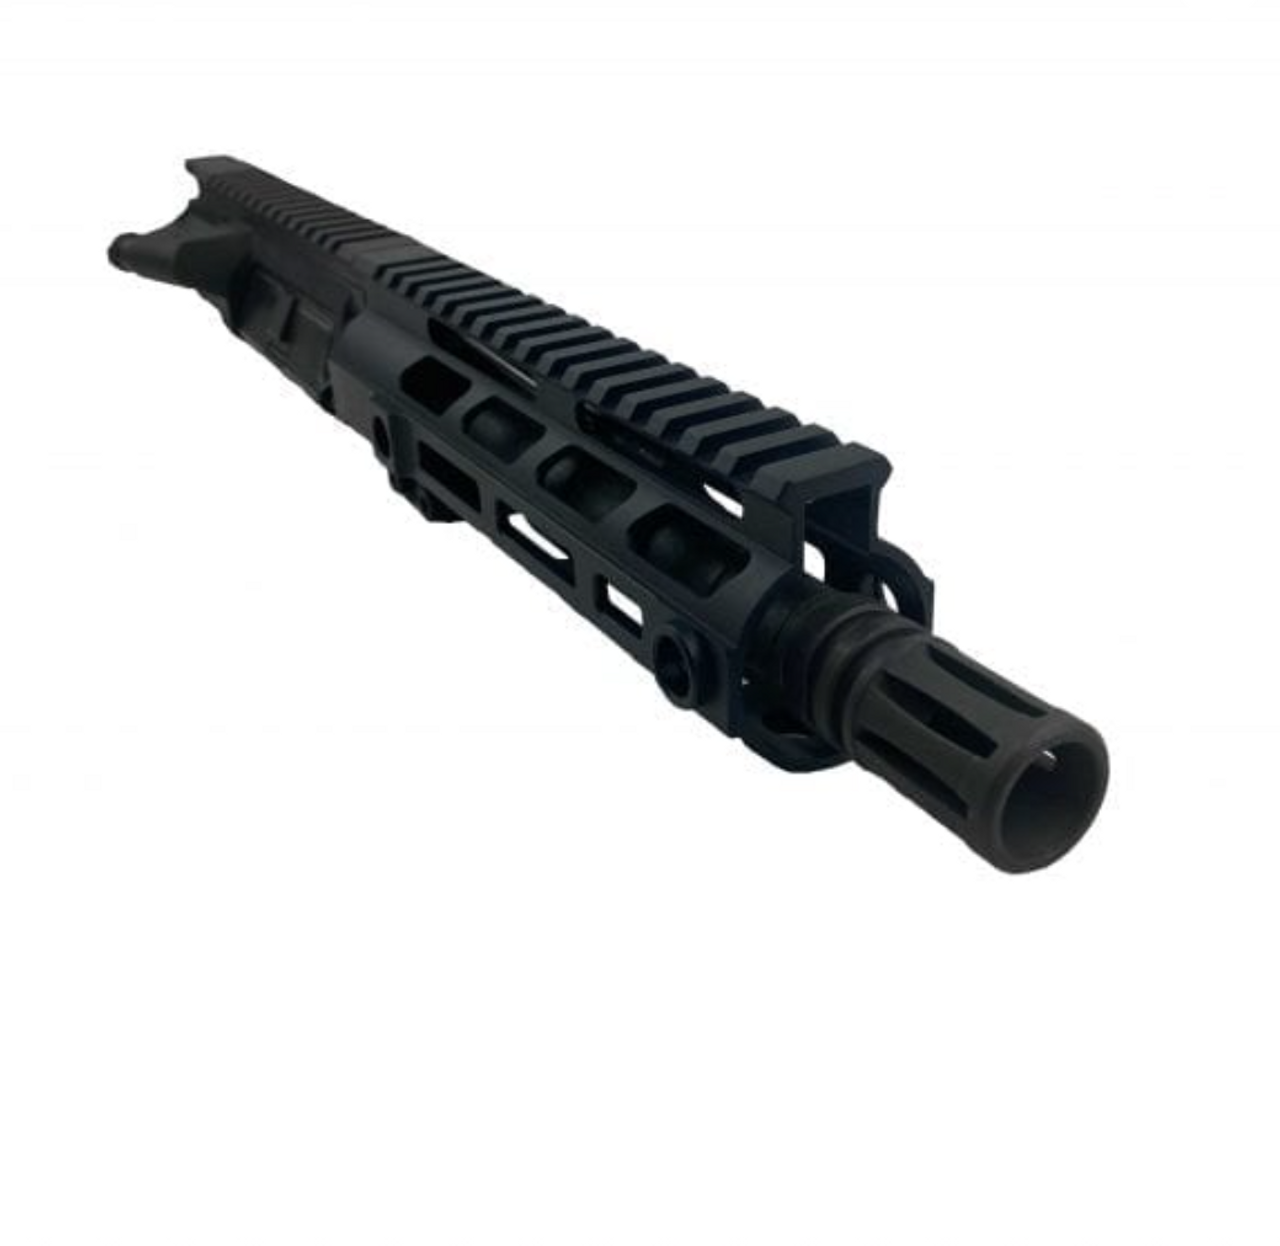 """AR-15 Pistol Upper, 5.56 NATO, 7.5"""" Barrel, 1:7 Twist, Pistol Gas System"""